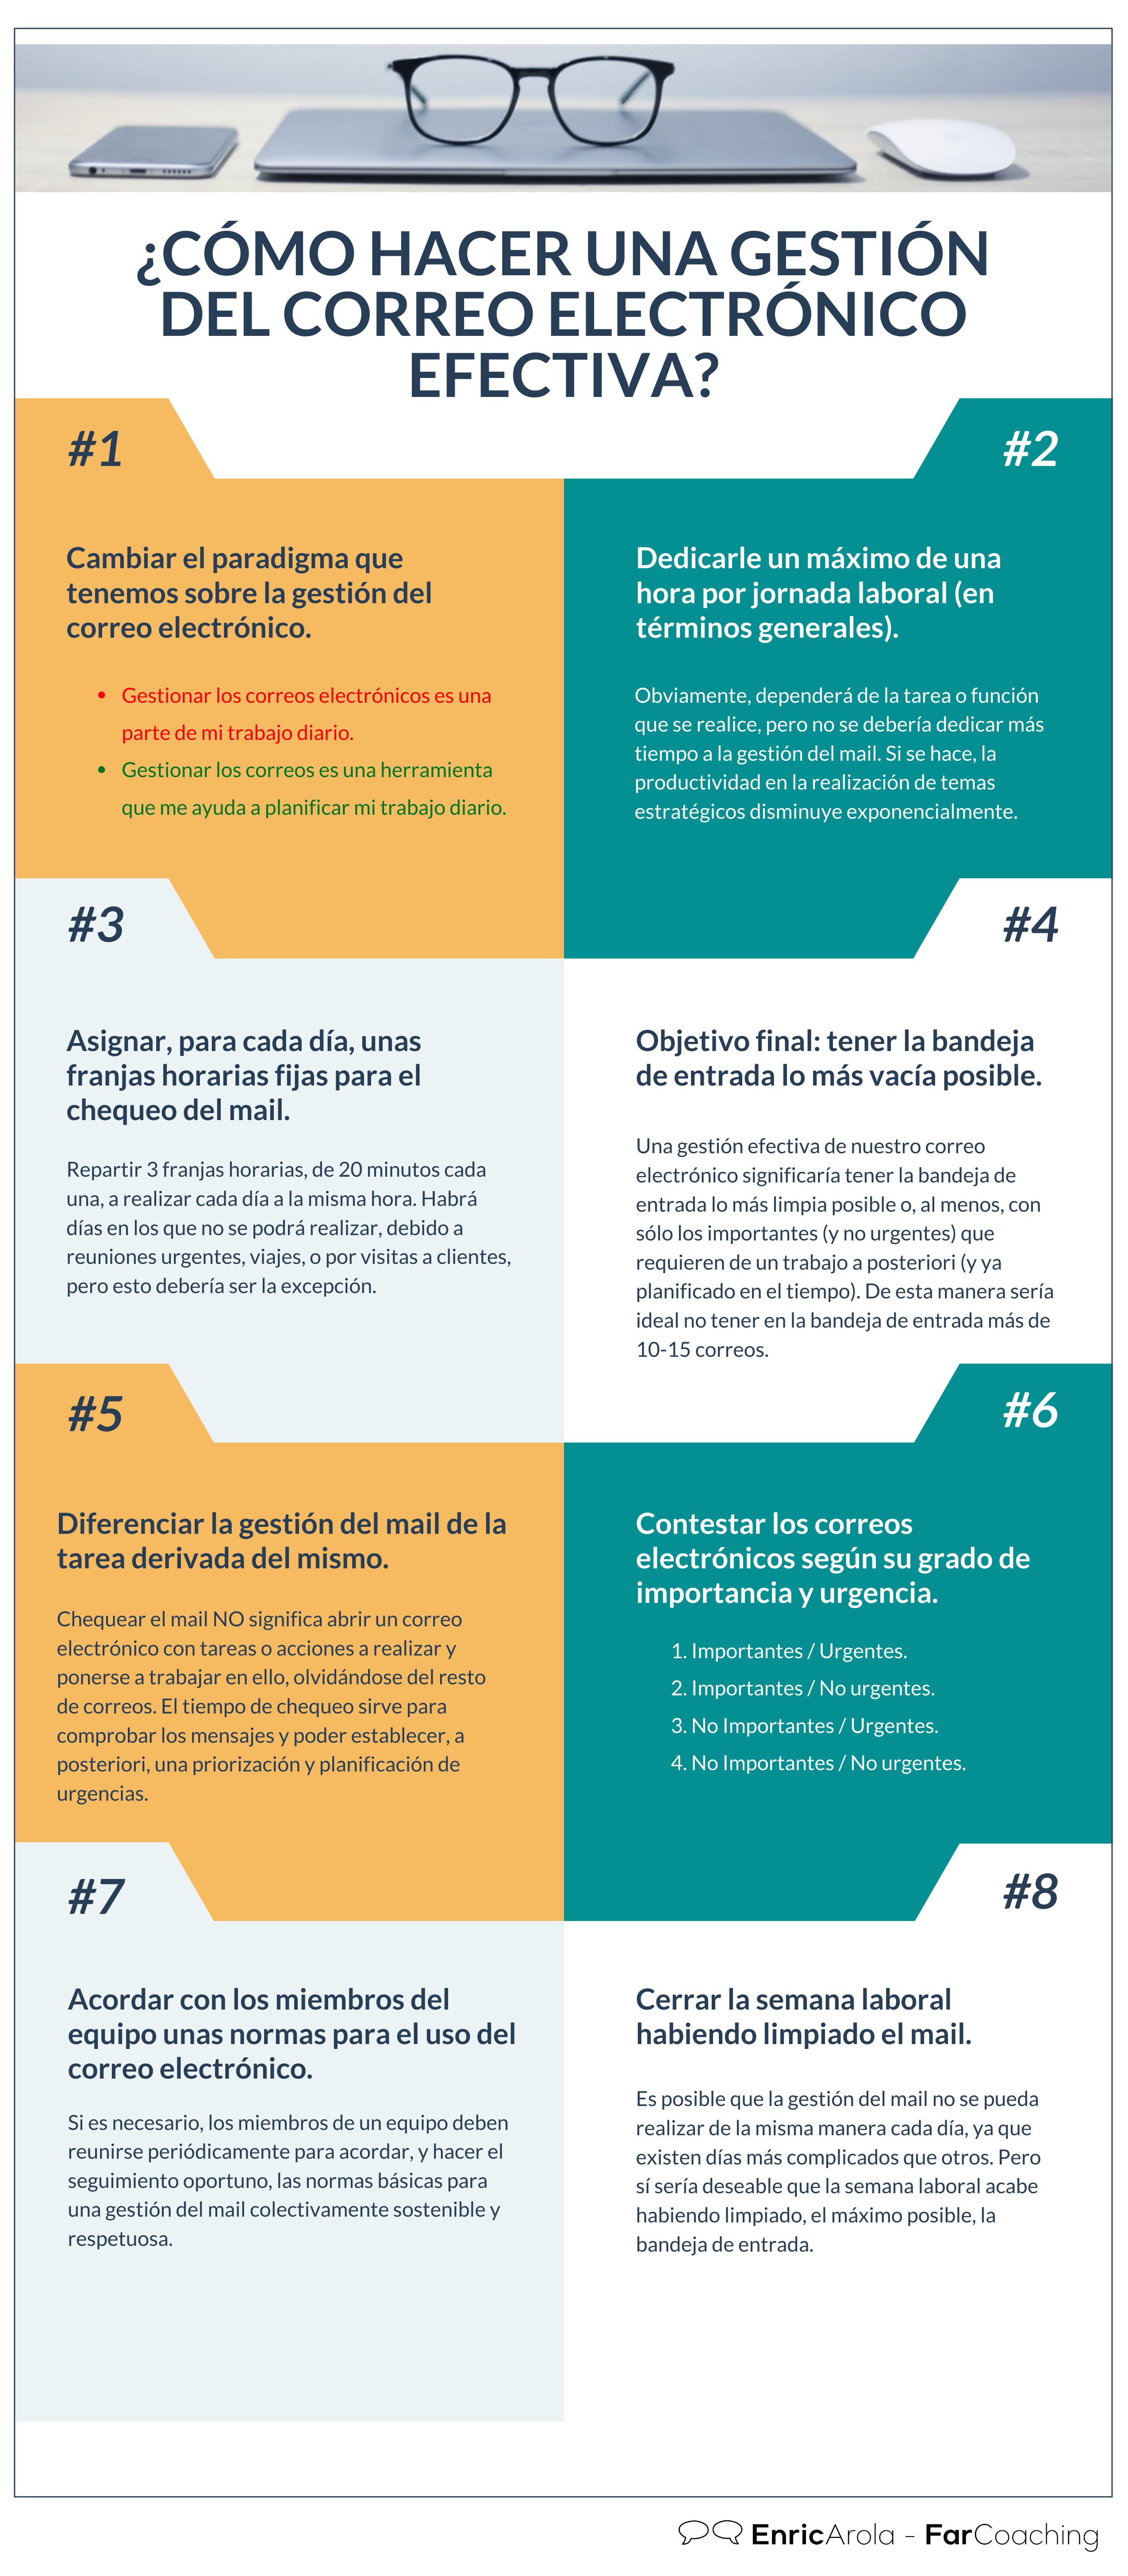 Infografía Cómo hacer una gestión del correo electrónico efectiva